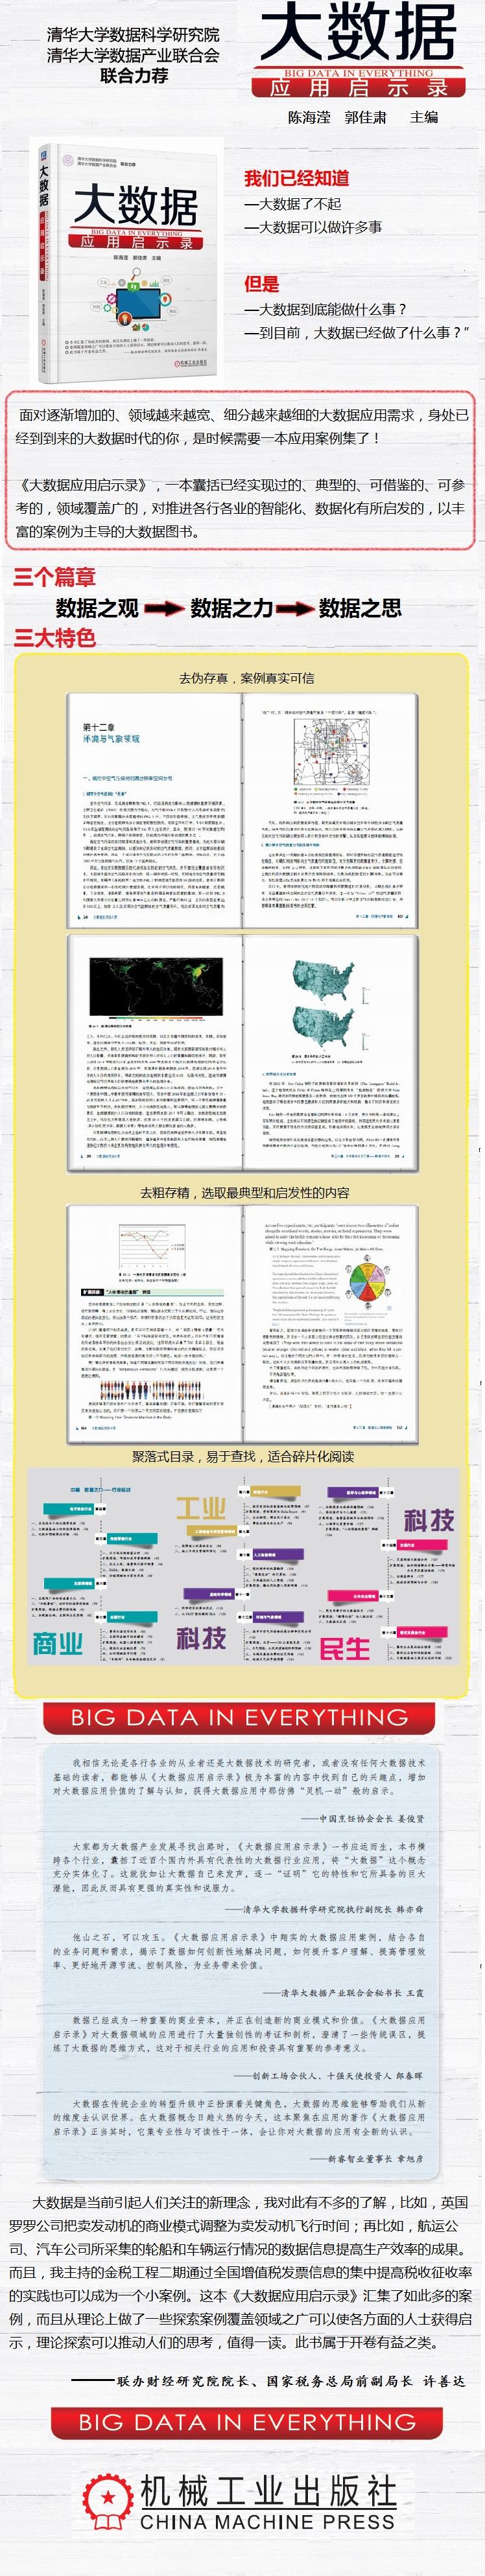 大数据应用启示录 PDF下载